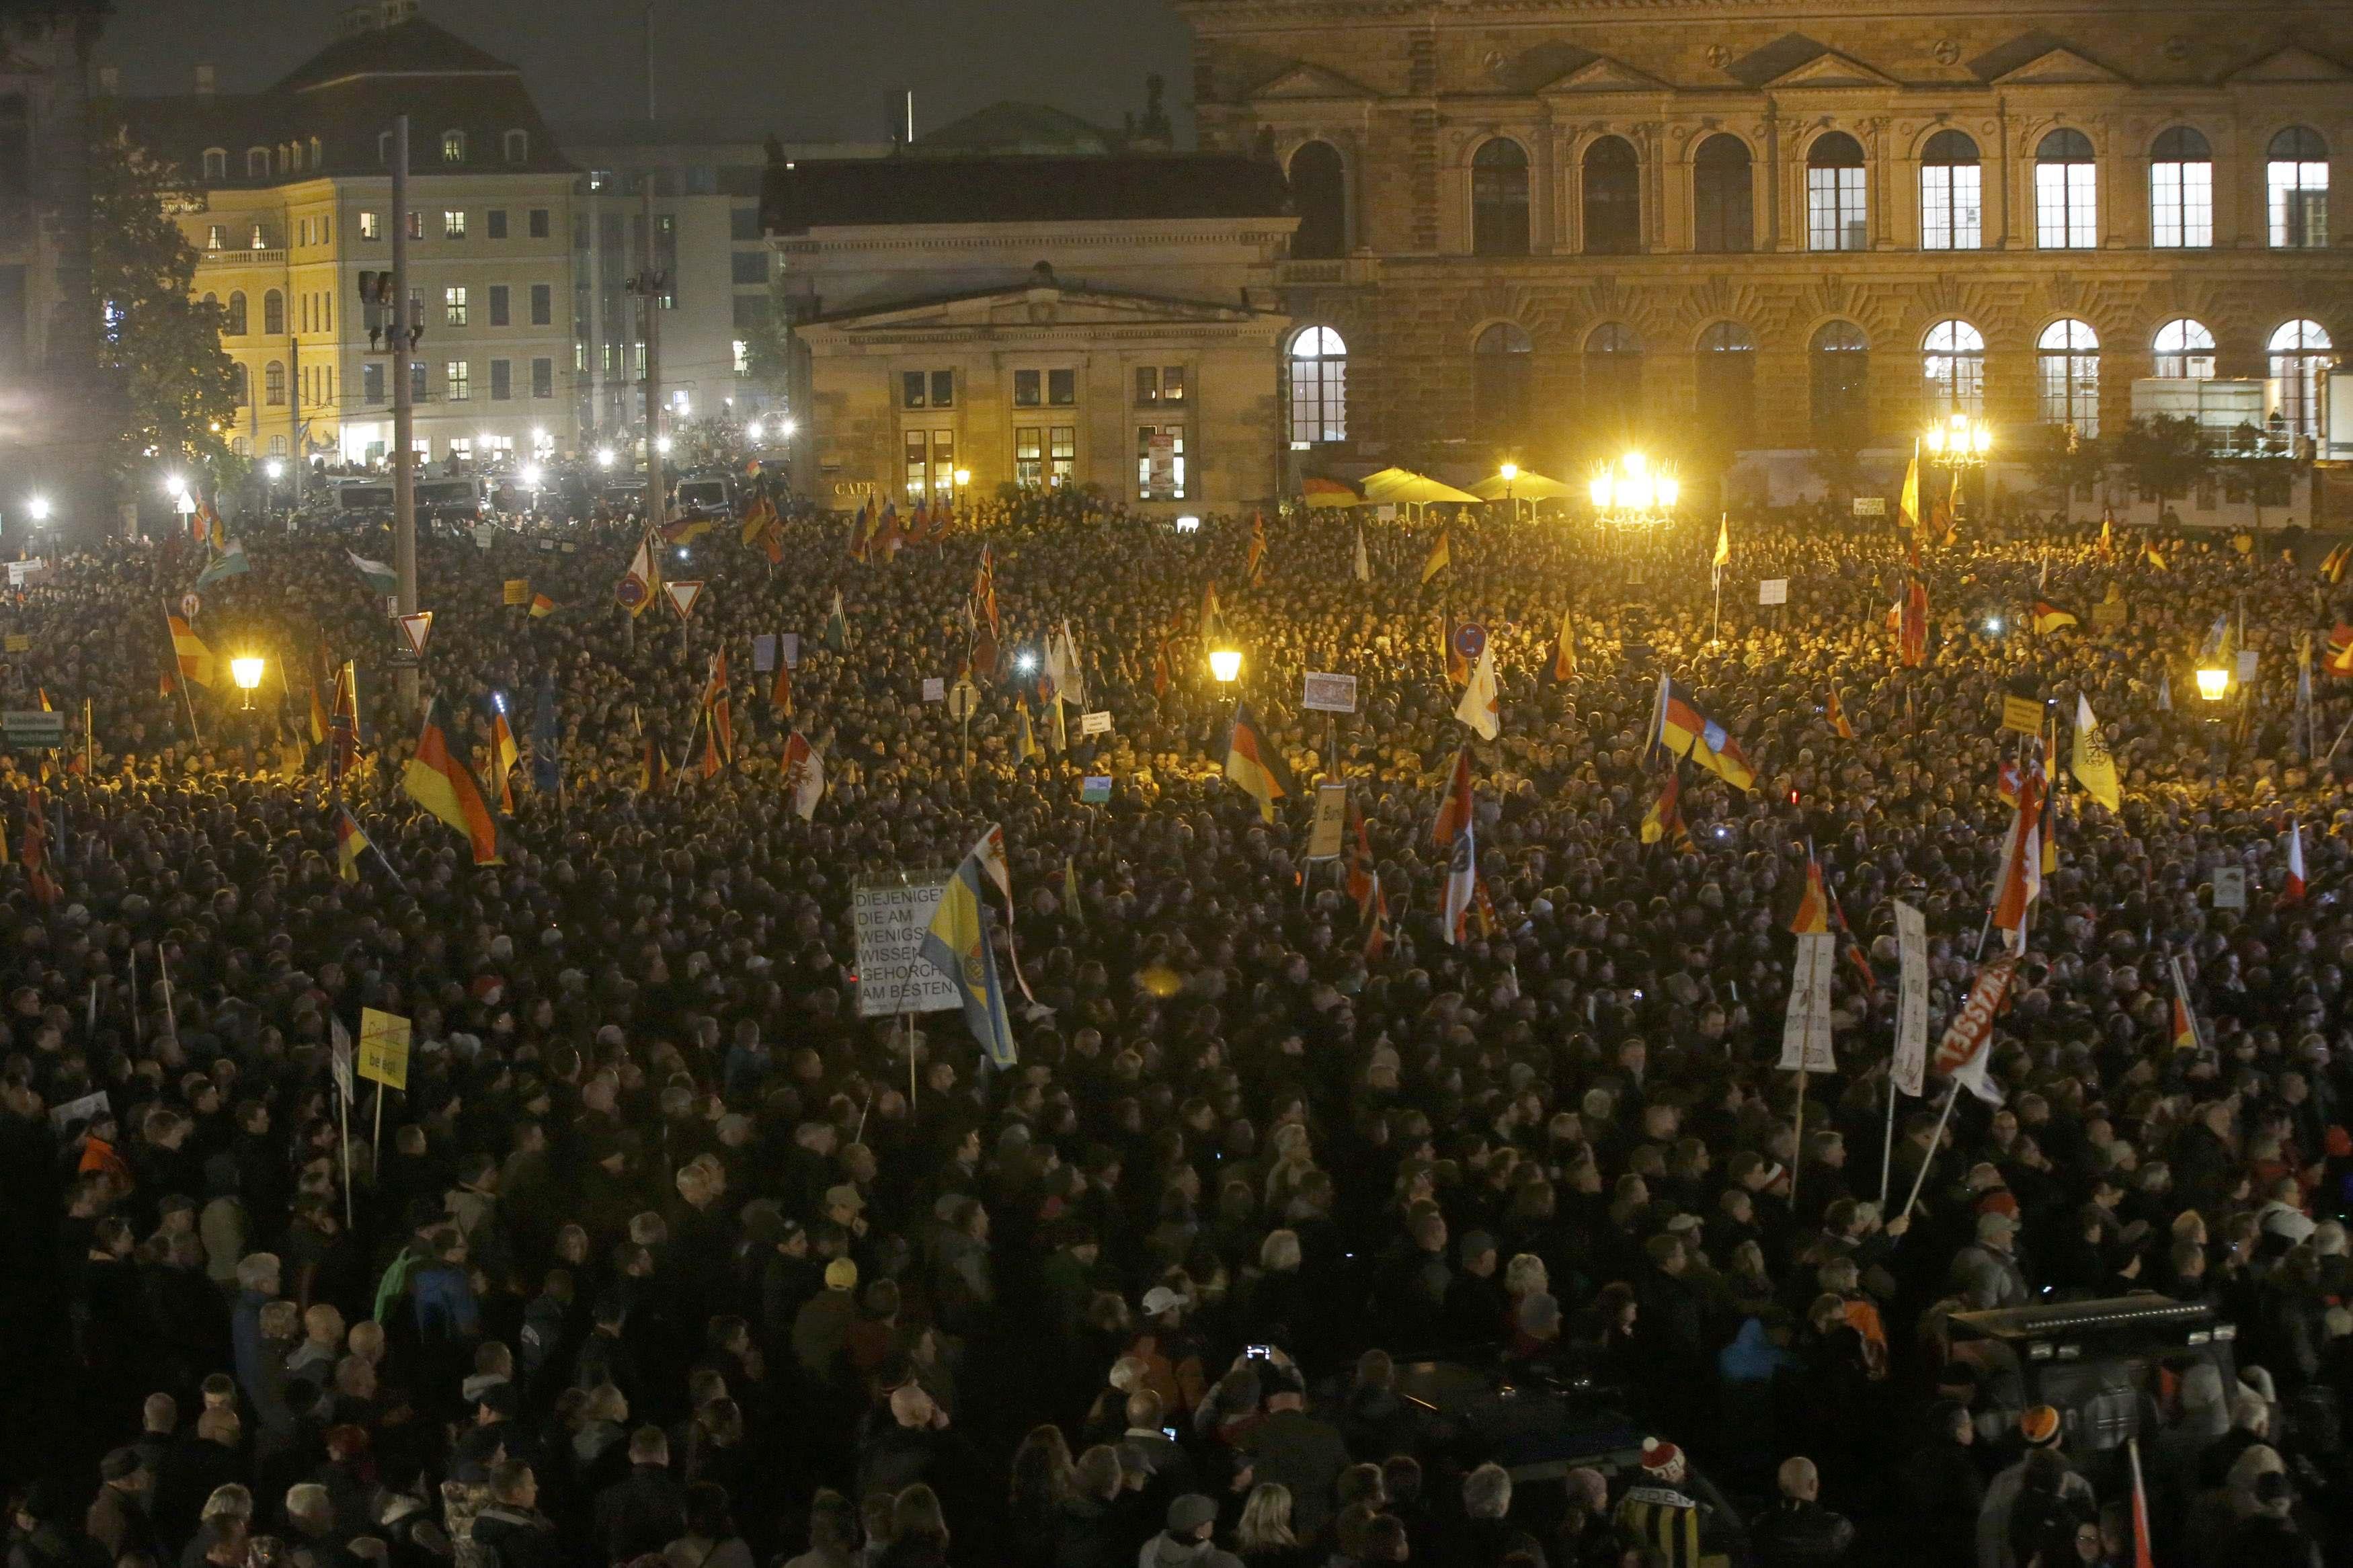 https://i1.wp.com/media.zenfs.com/en_us/News/Reuters/2015-10-19T213408Z_1_LYNXNPEB9I19U_RTROPTP_4_GERMANY-POLITICS.JPG